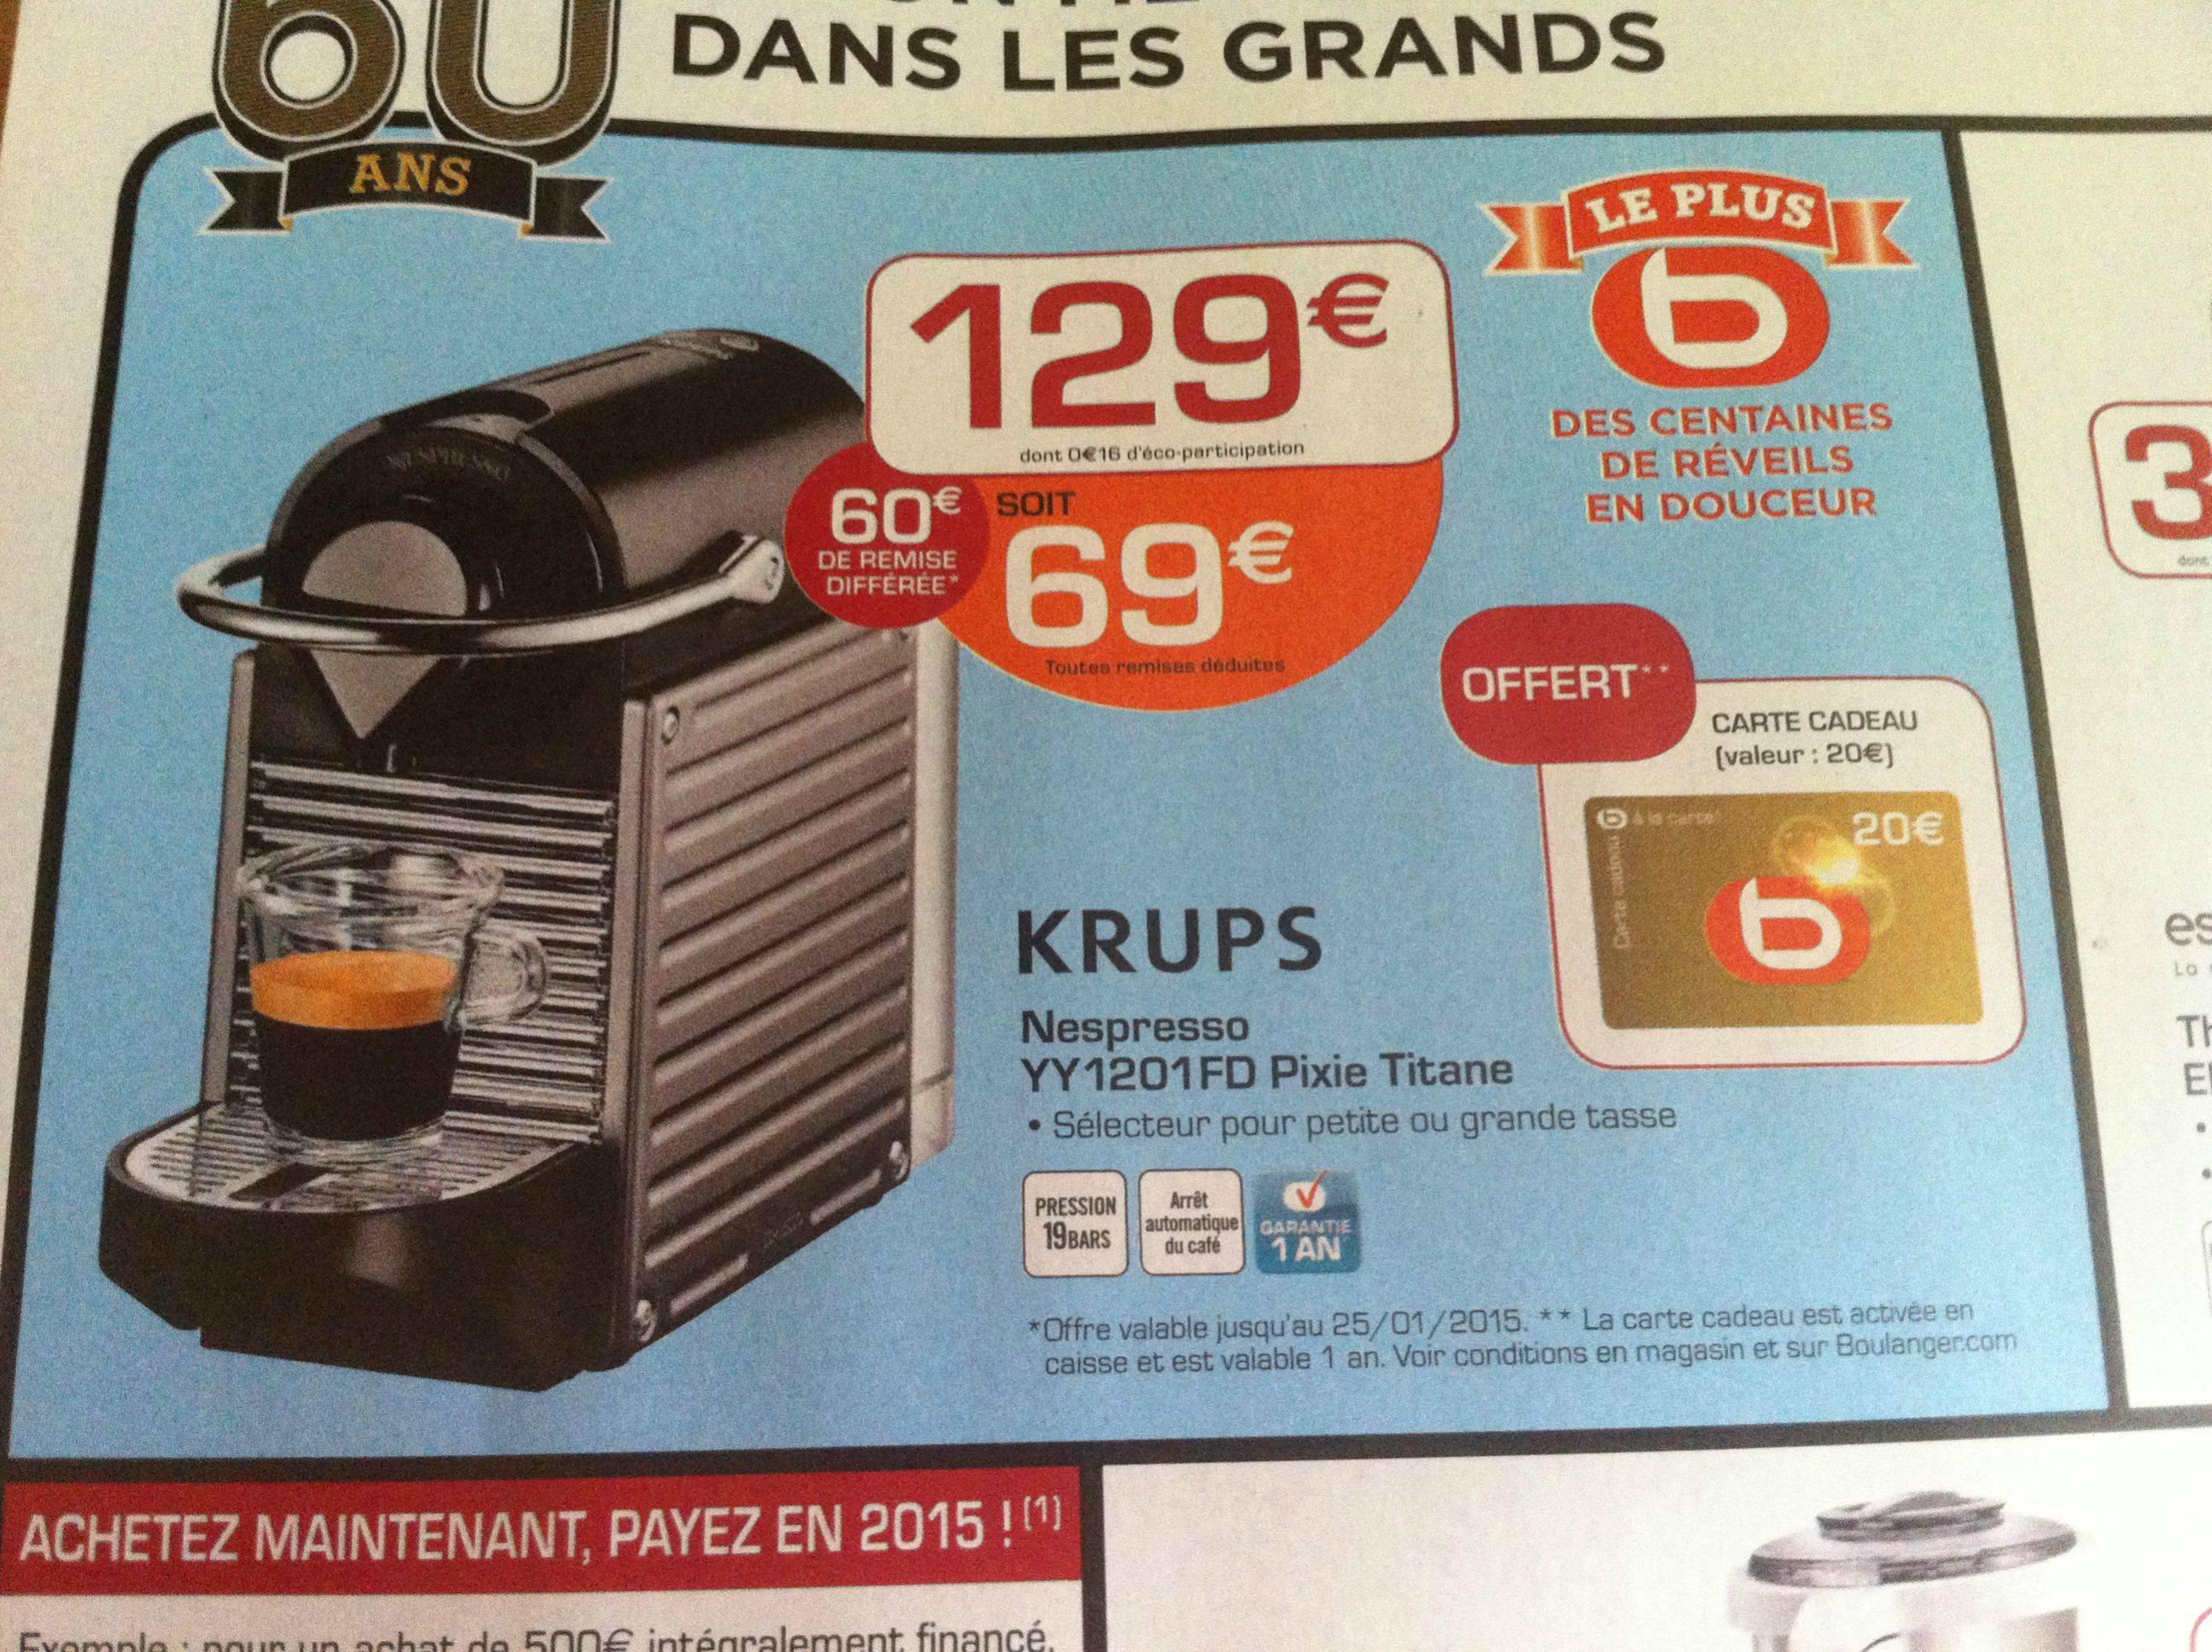 Machine Expresso à capsules Krups Pixie Titane YY1201FD (20€ en carte cadeau)